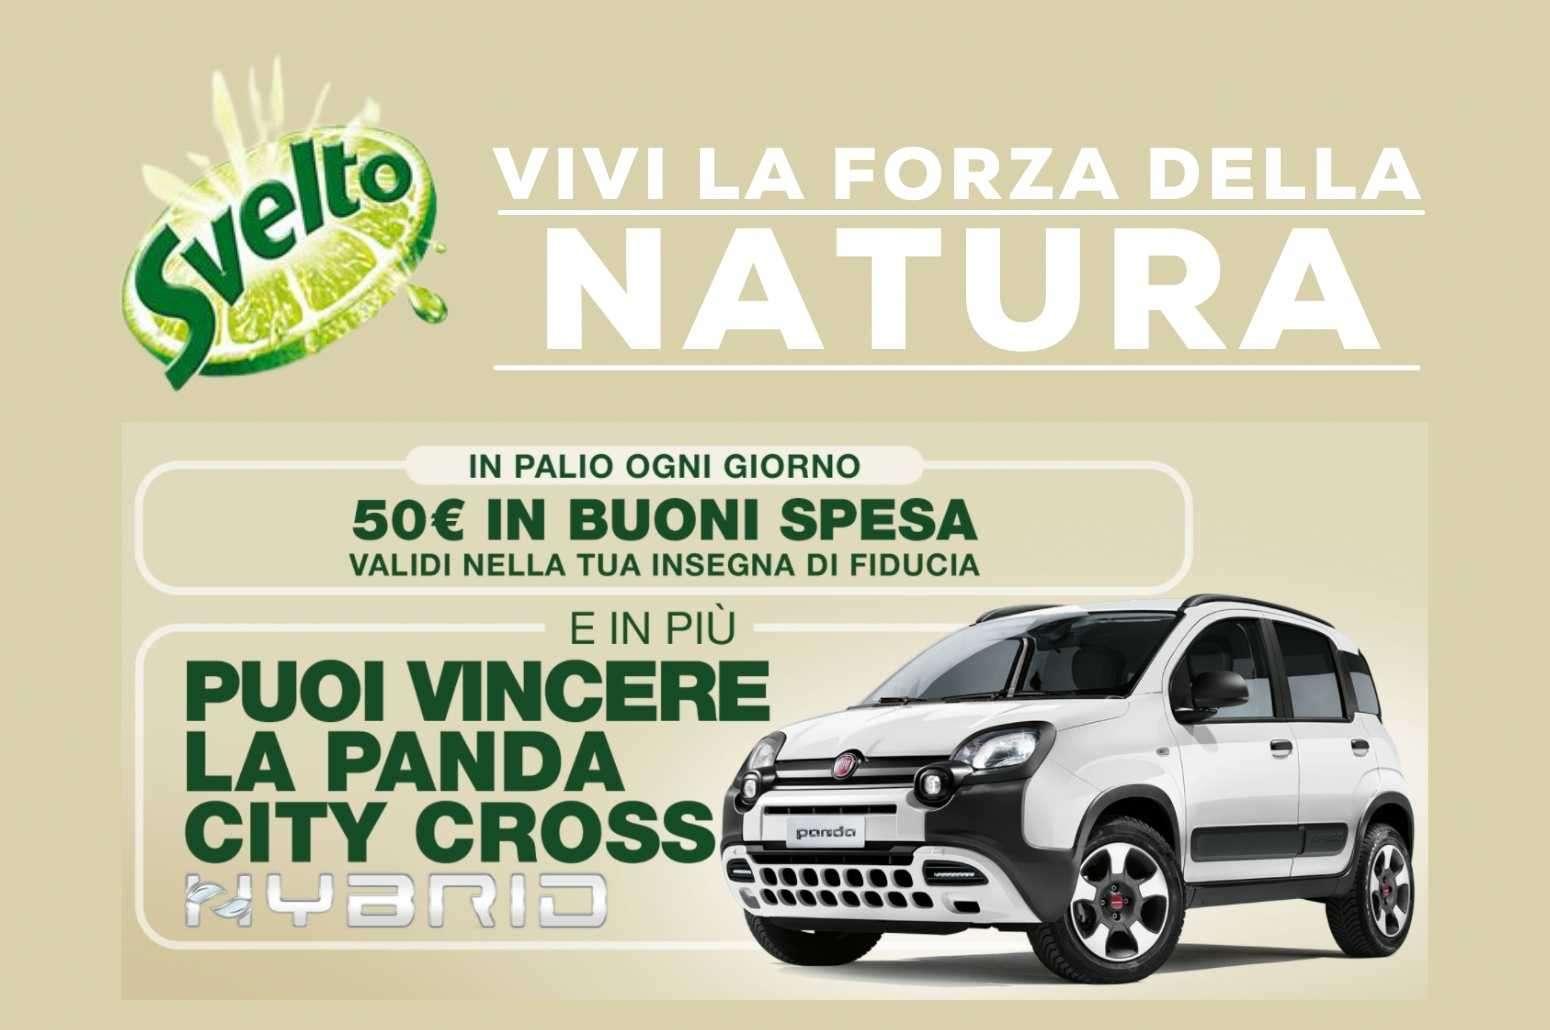 """""""Vivi la forza della natura"""" il nuovo concorso Svelto che ti premia con buoni spesa e una Fiat Panda Hybrid GosuMania"""